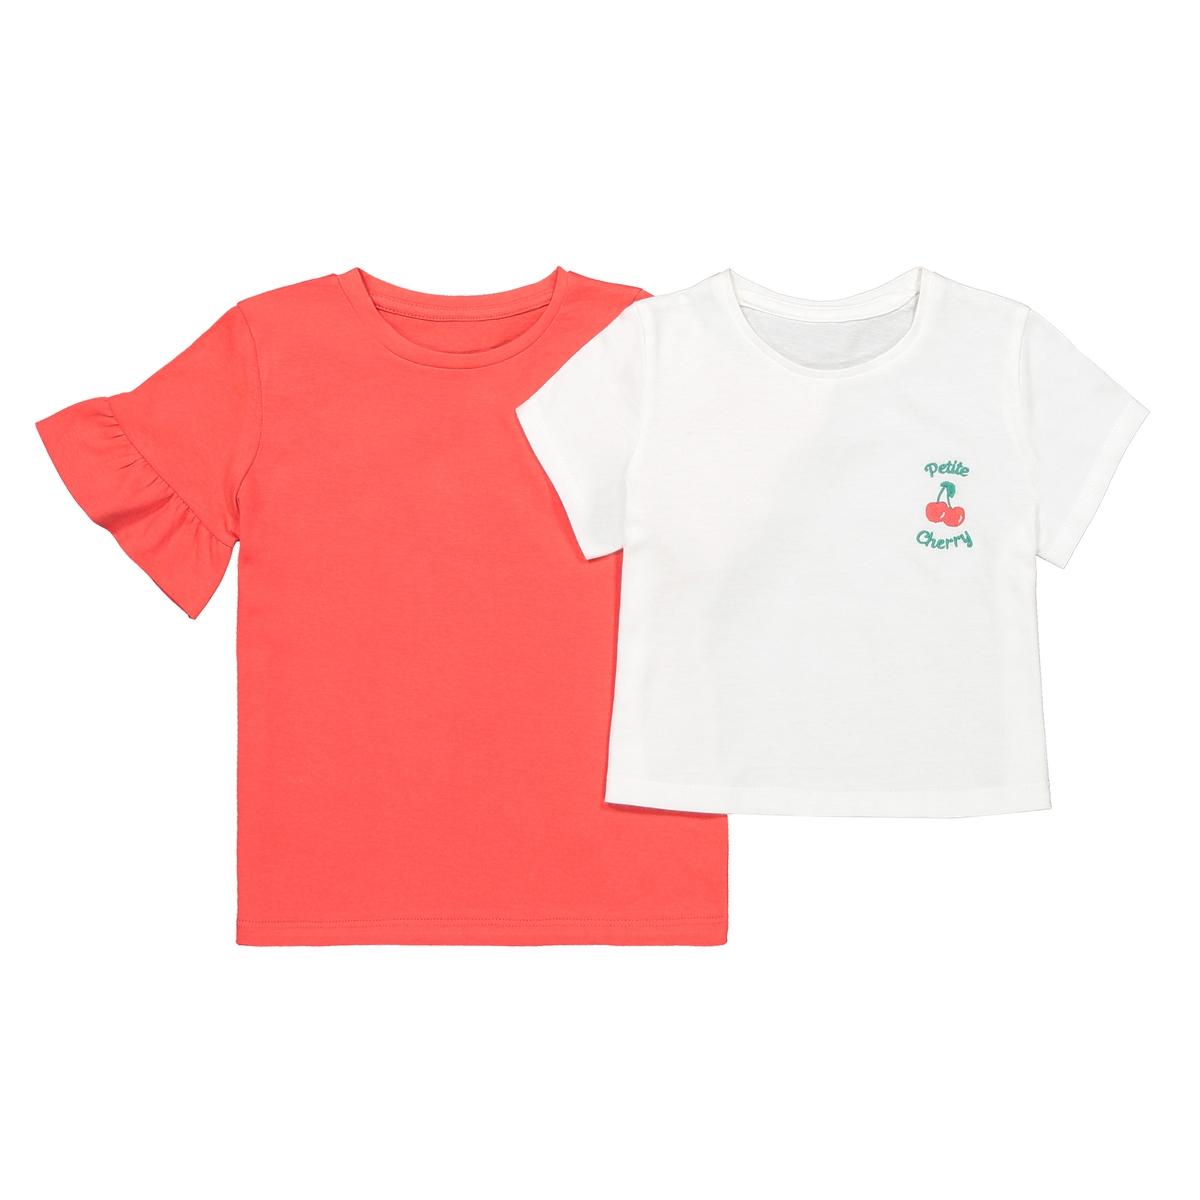 Lote de 2 t-shirts de mangas curtas, 3-12 anos